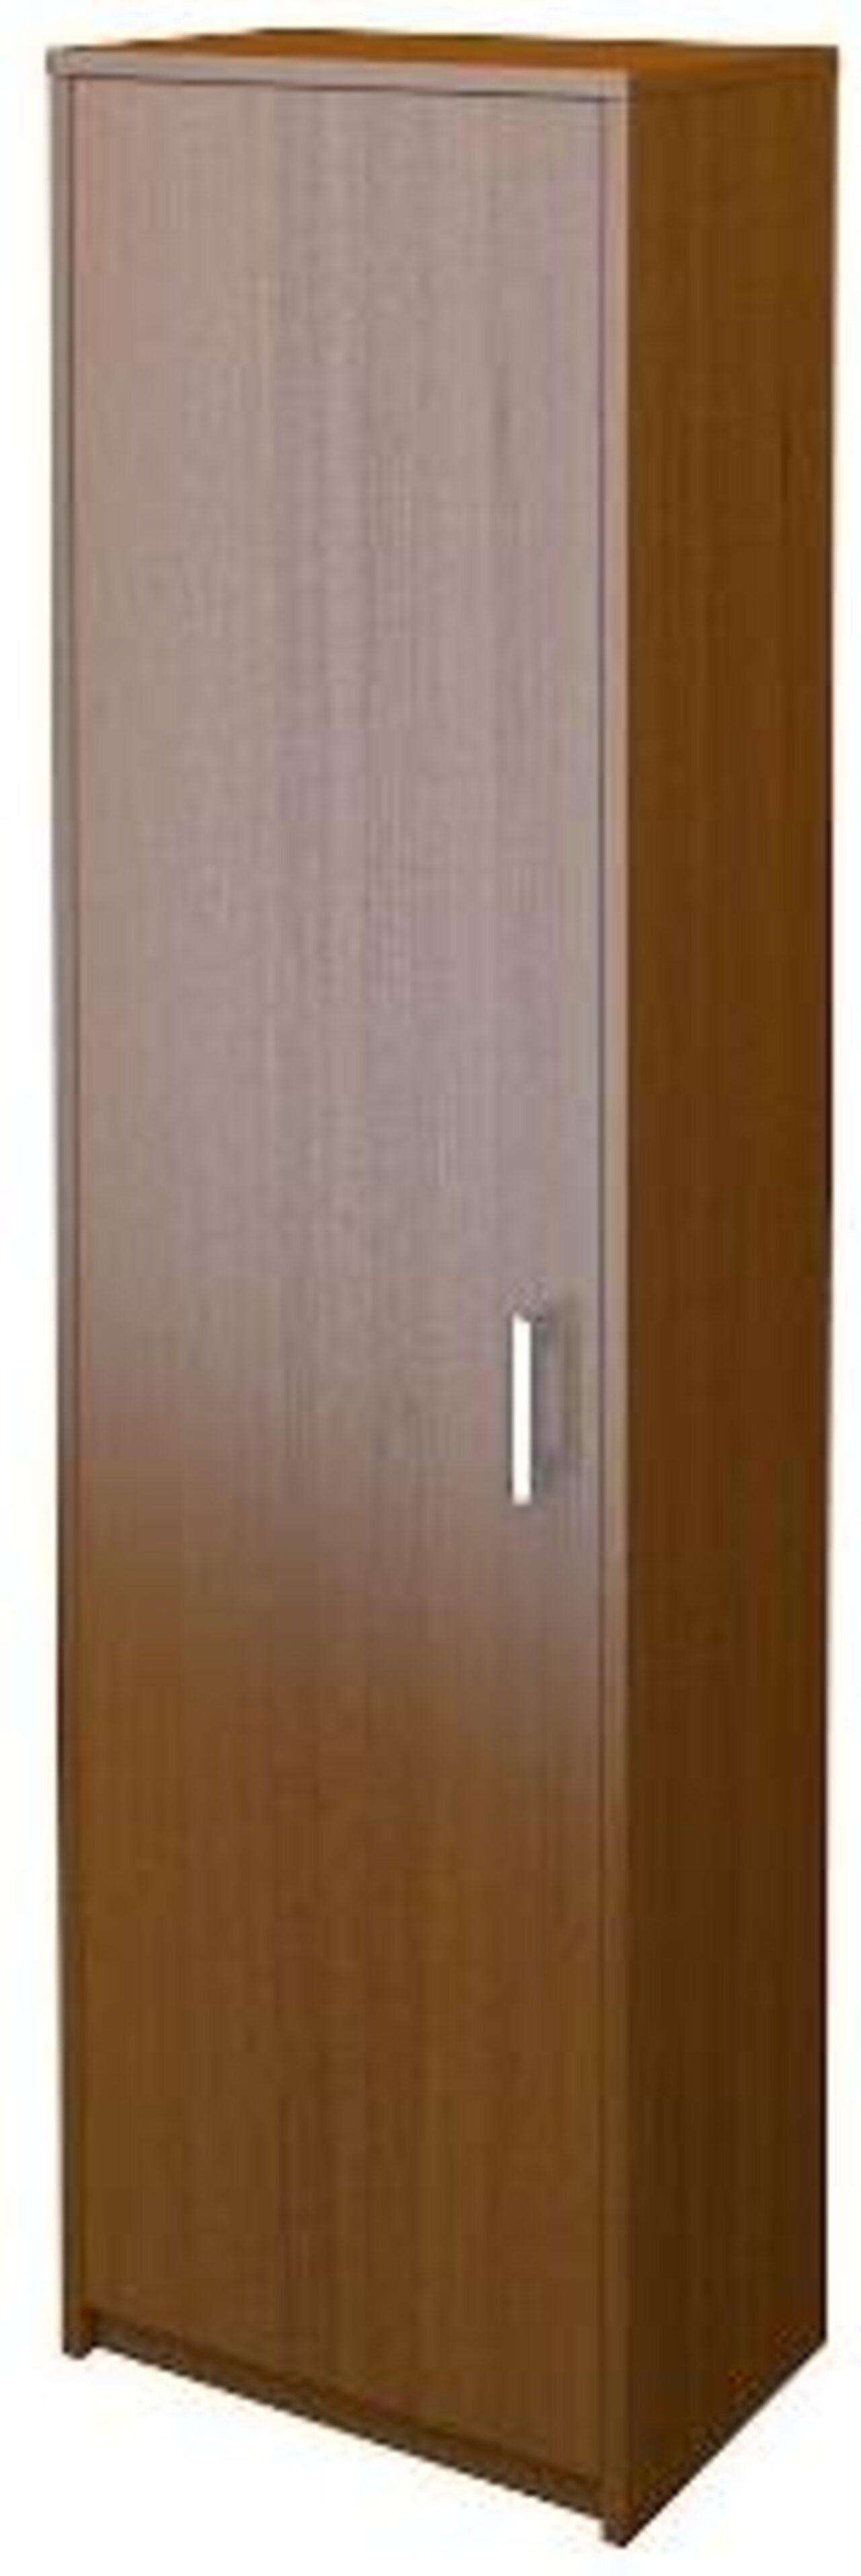 Шкаф для одежды  Арго 56x37x200 - фото 3